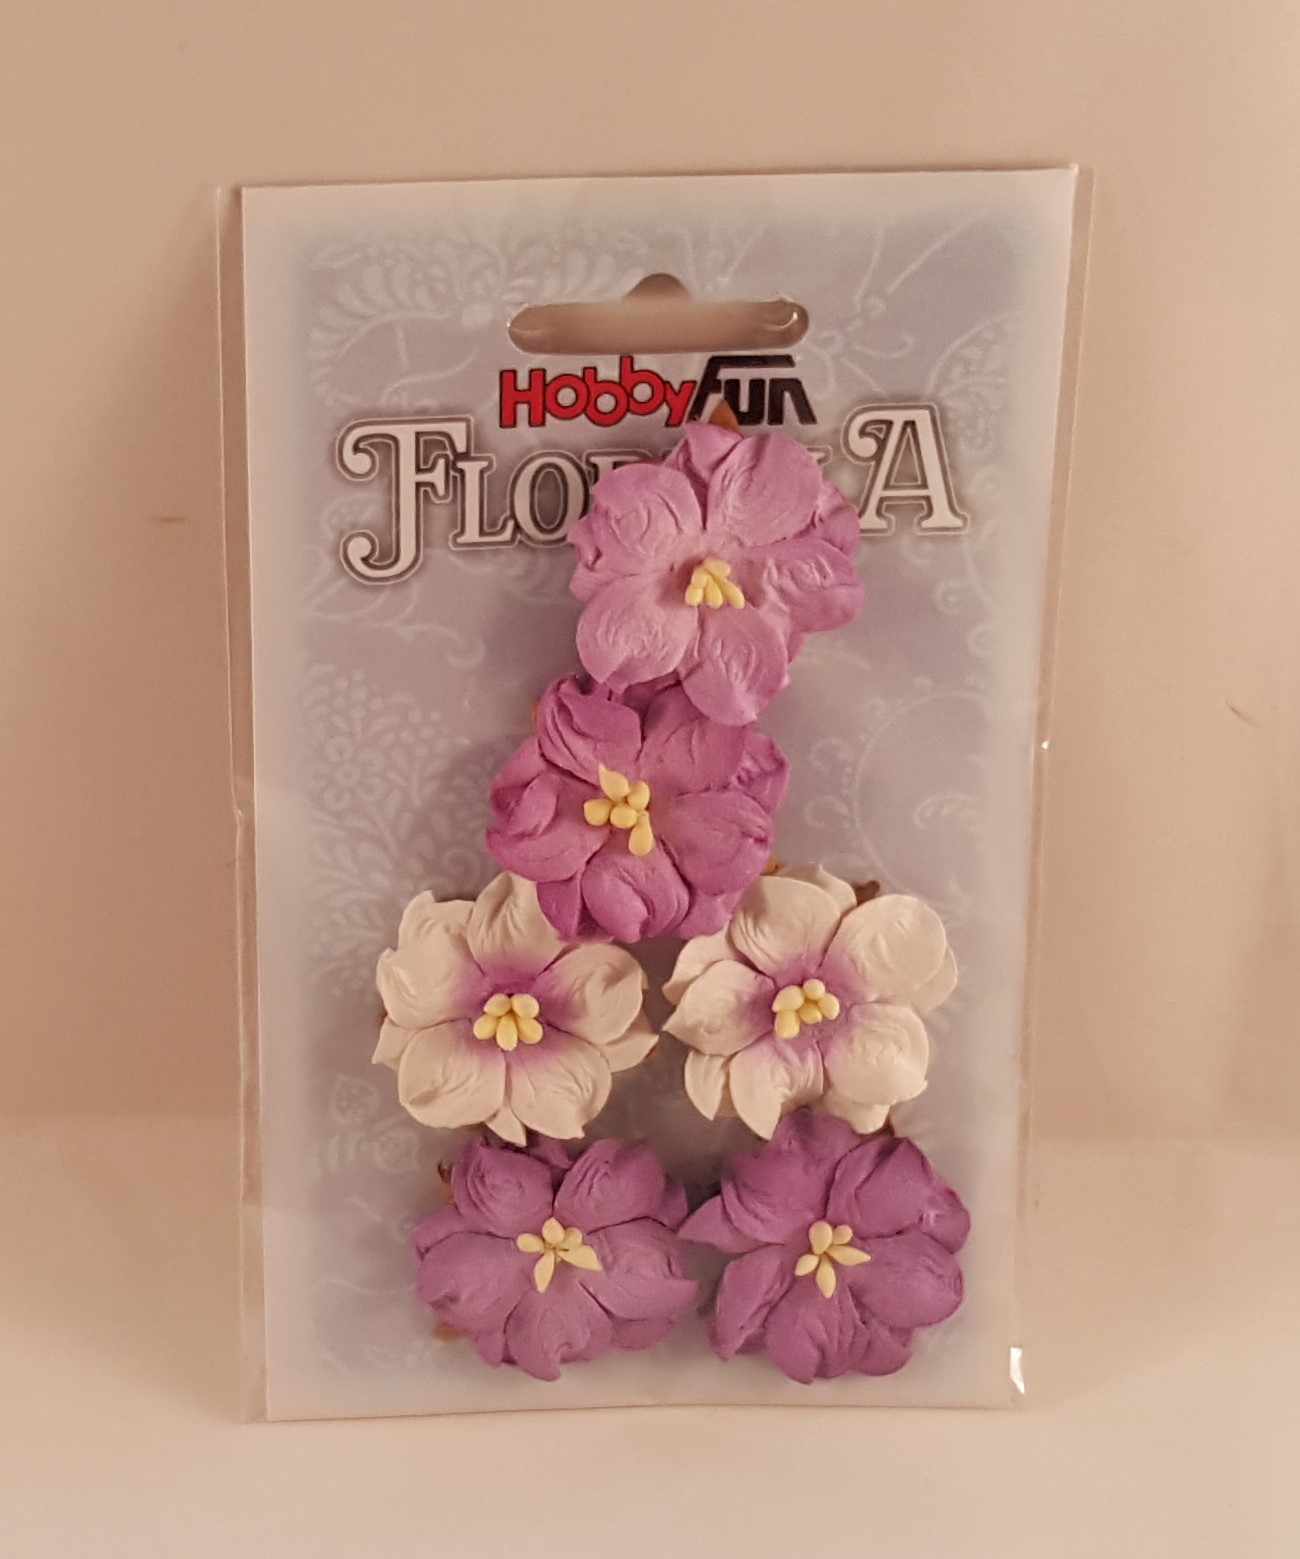 Flores de Papel roxo e branco  para scrapbooking